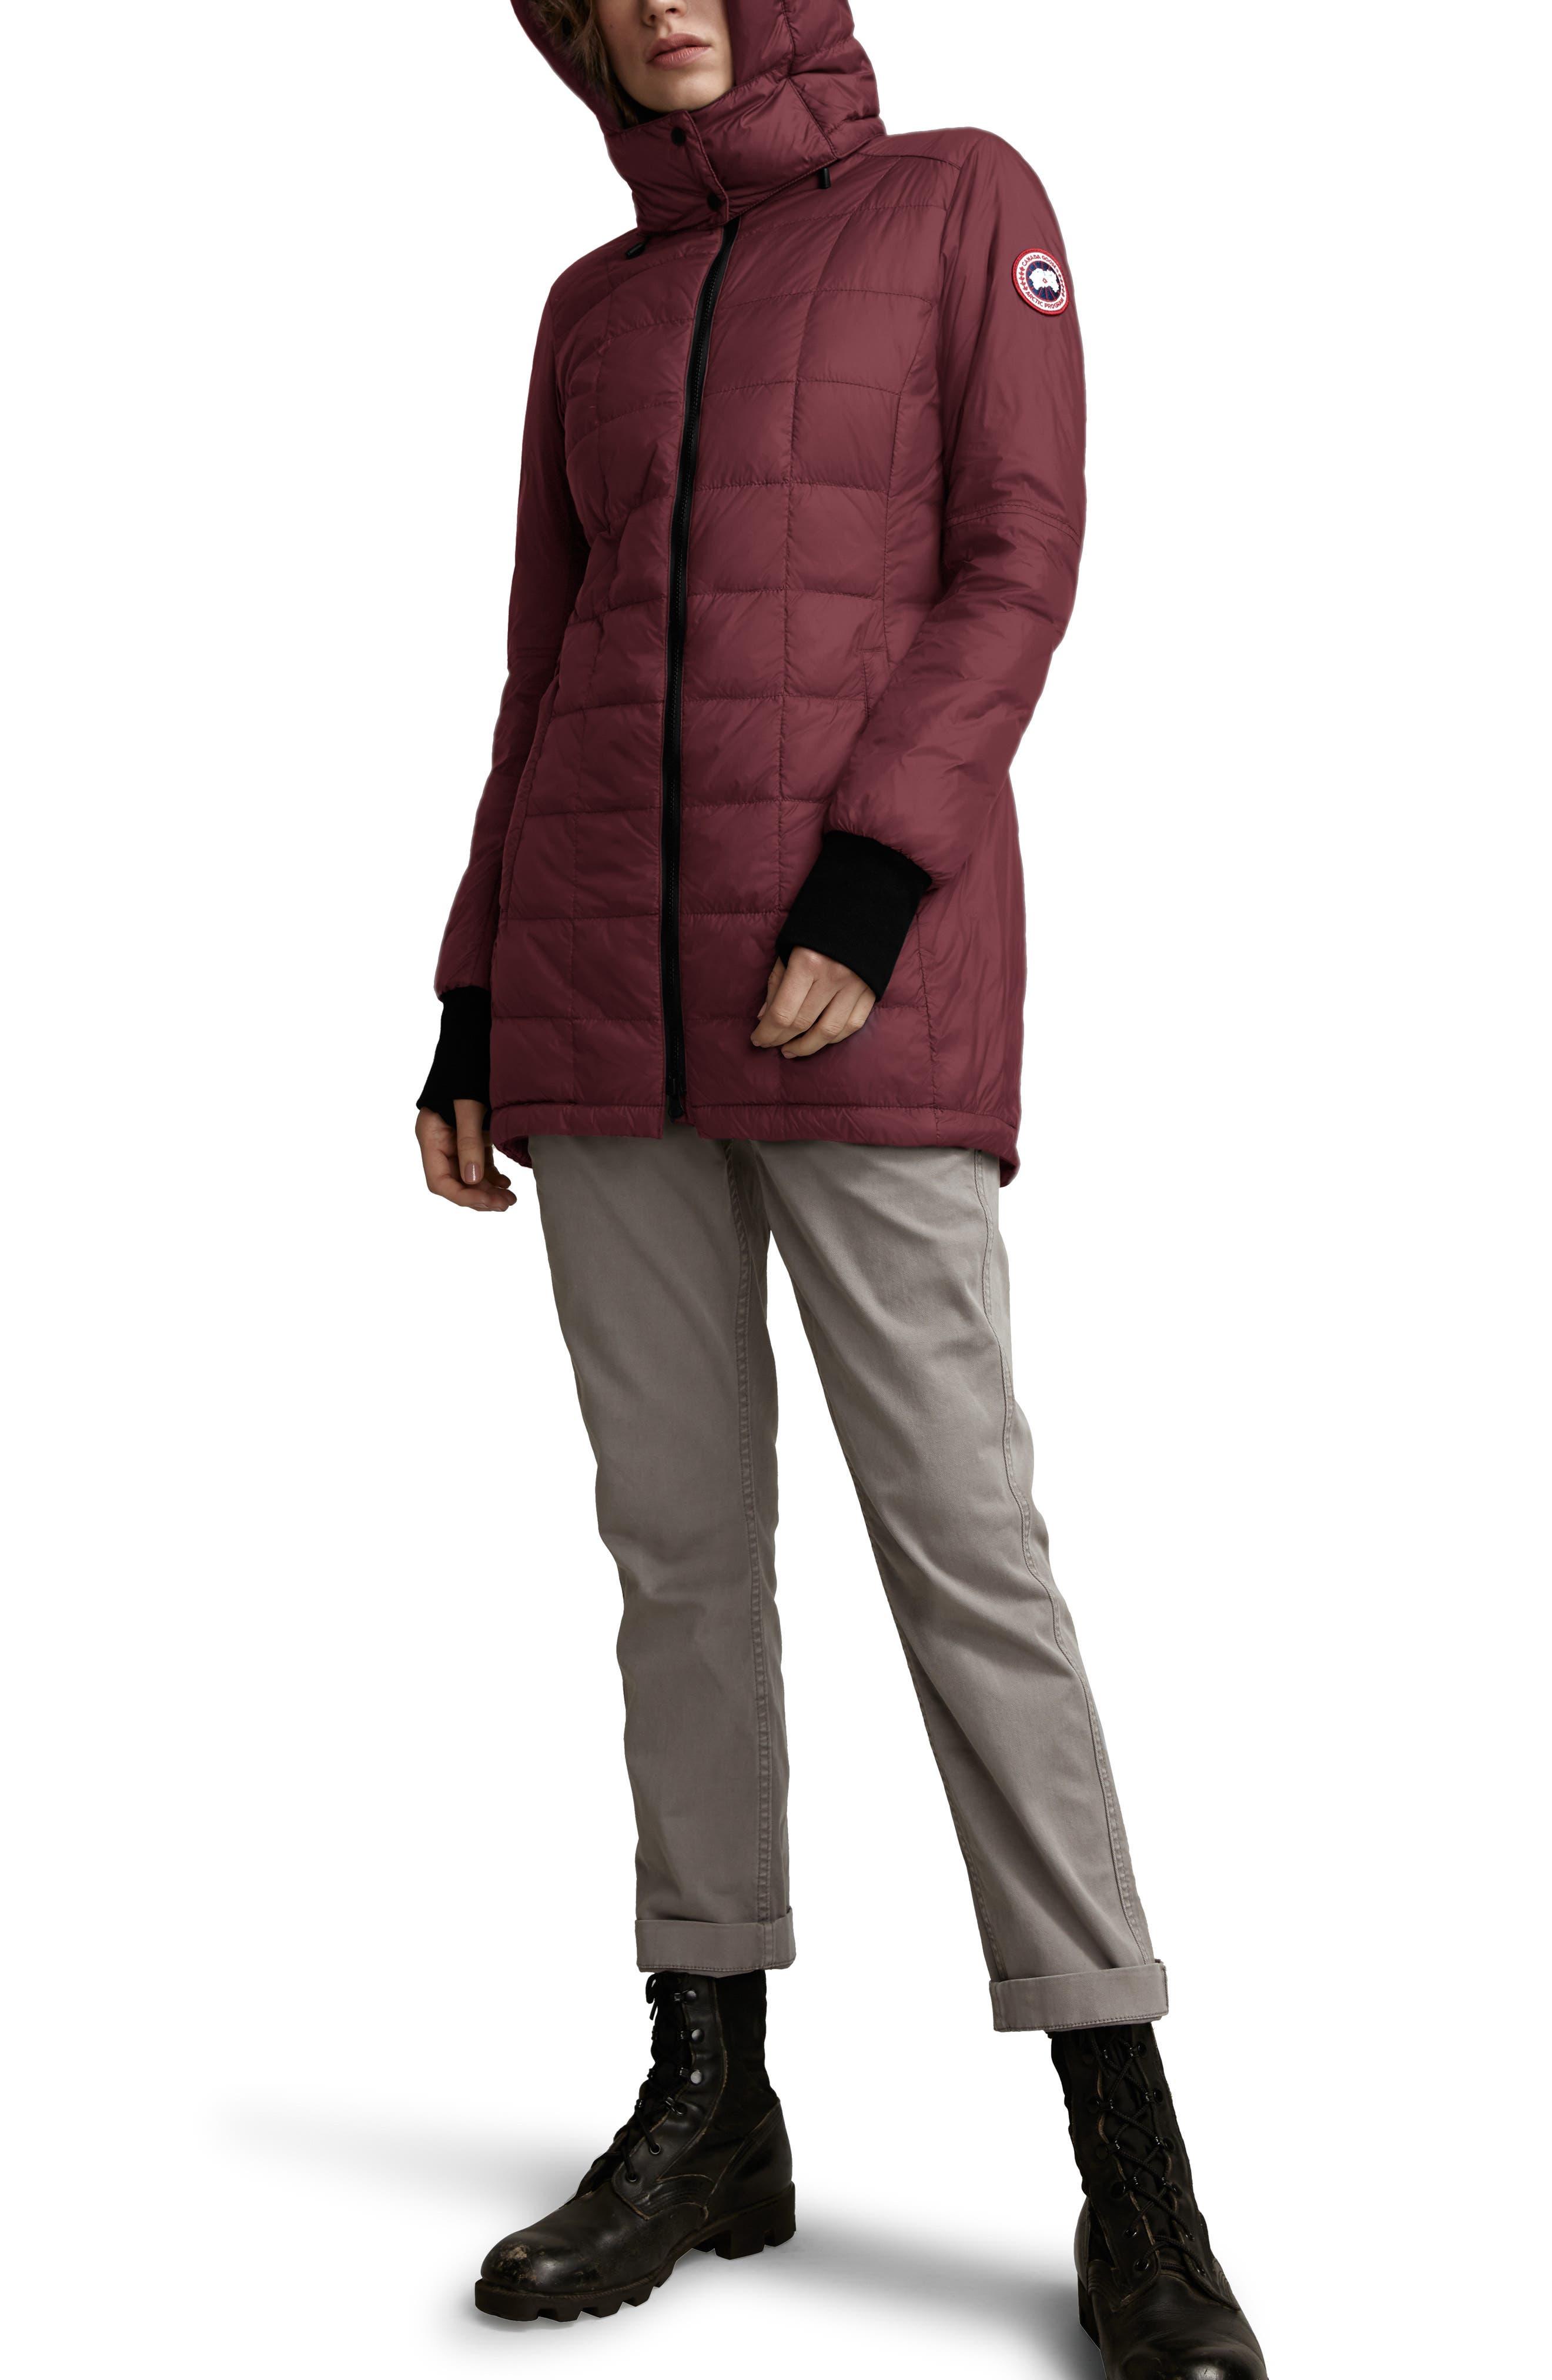 Canada Goose Ellison Packable Down Jacket, (14-16) - Purple